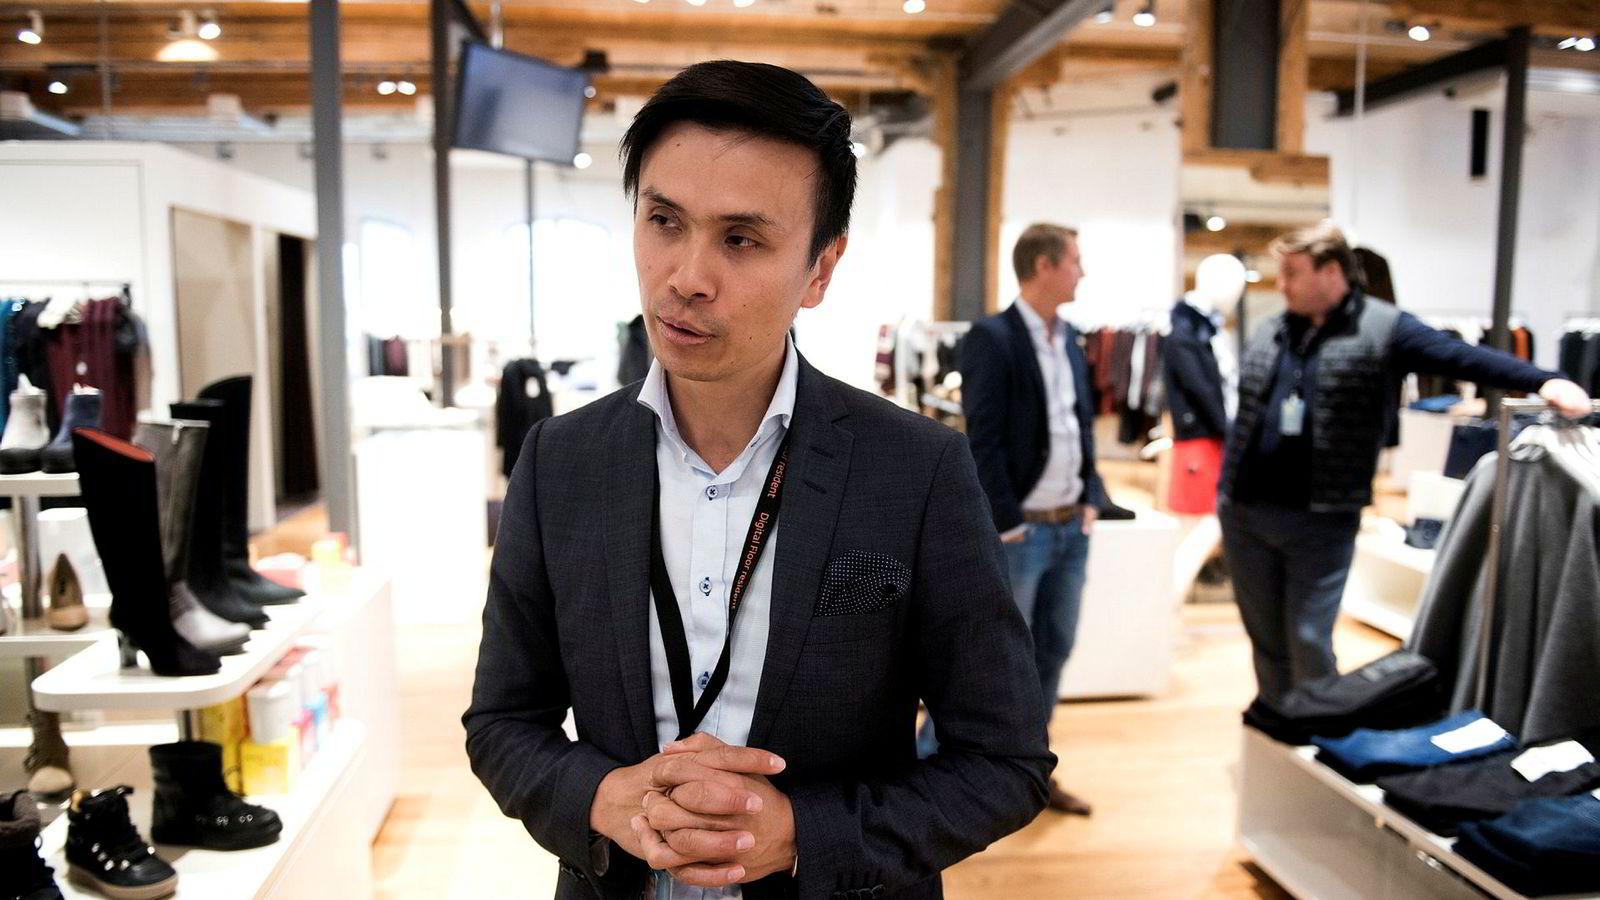 Vippe bygger ut tjenesten med  tre nye funksjoner. - I 2017 er det naturlig at man får pengene sine øyeblikkelig, sier Thang Manh Tran, utviklingssjef i Vipps.